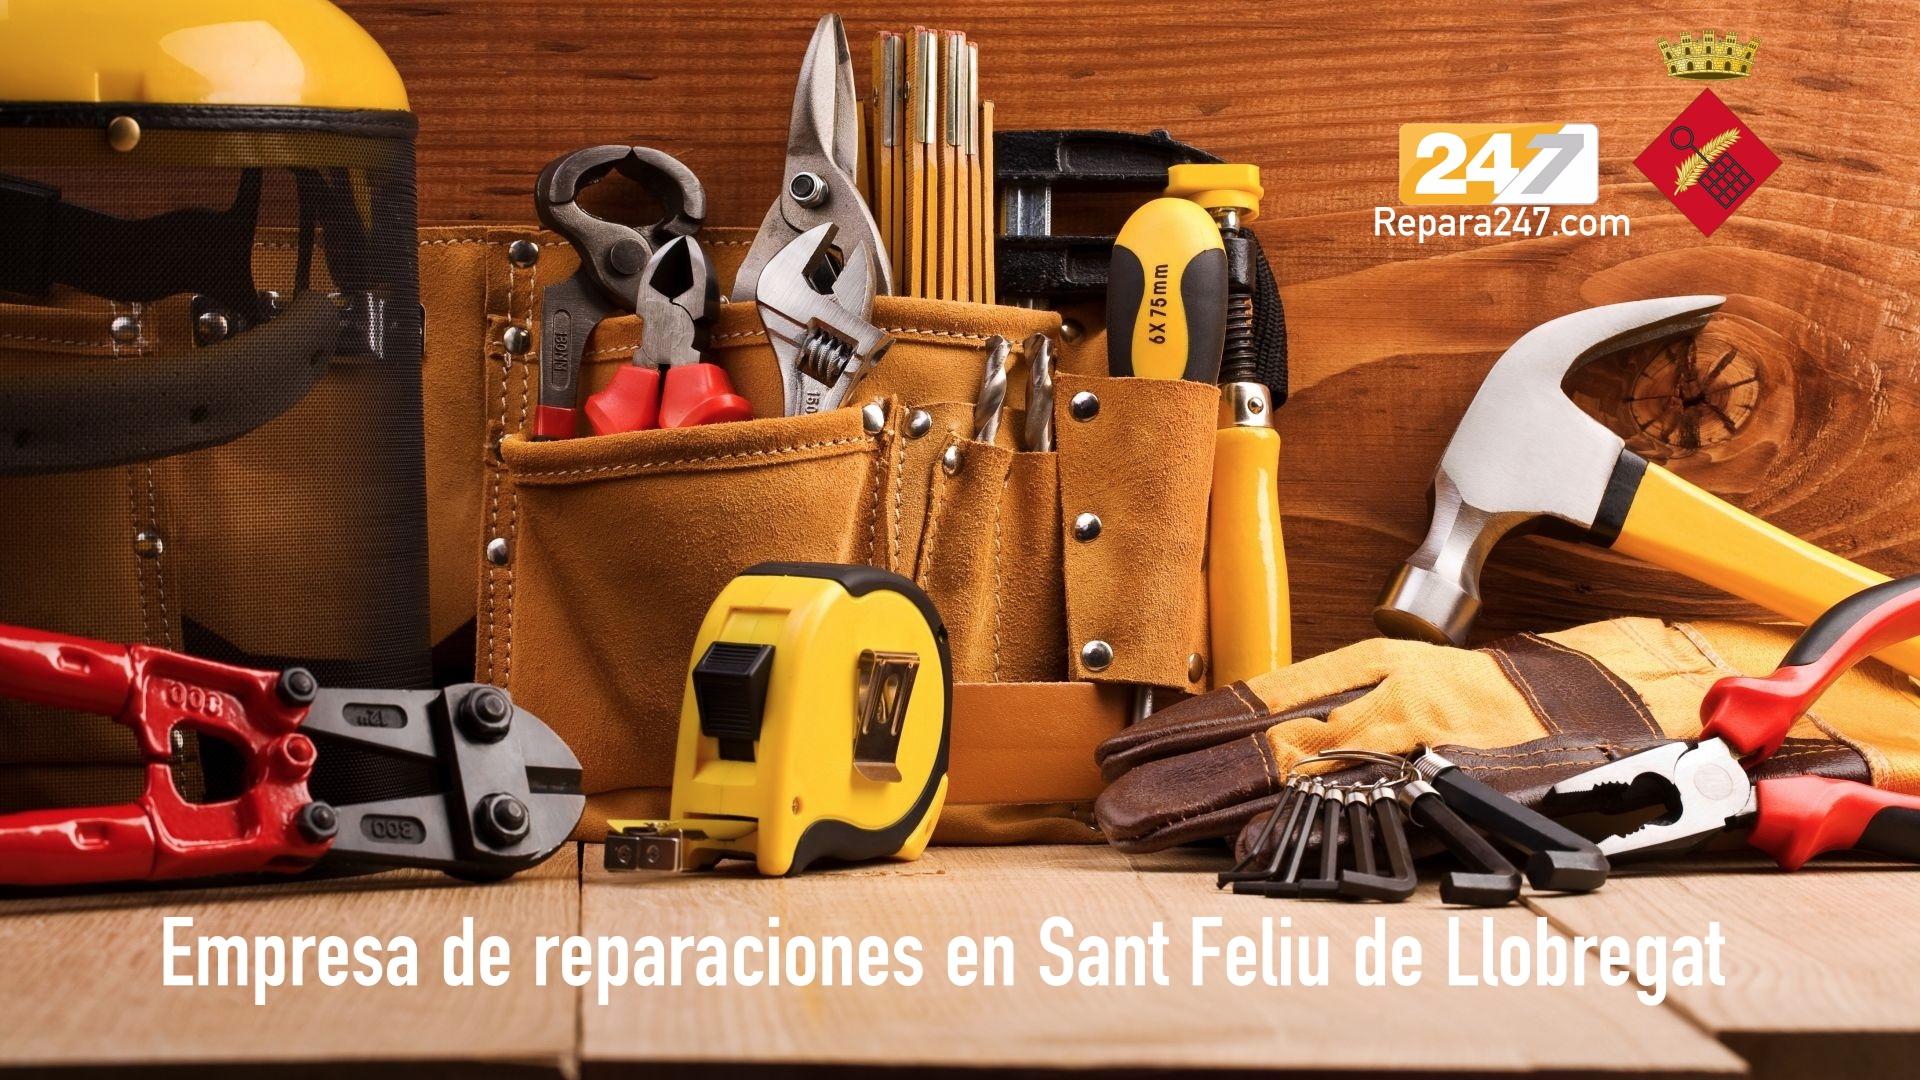 Empresa de reparaciones en Sant Feliu de Llobregat